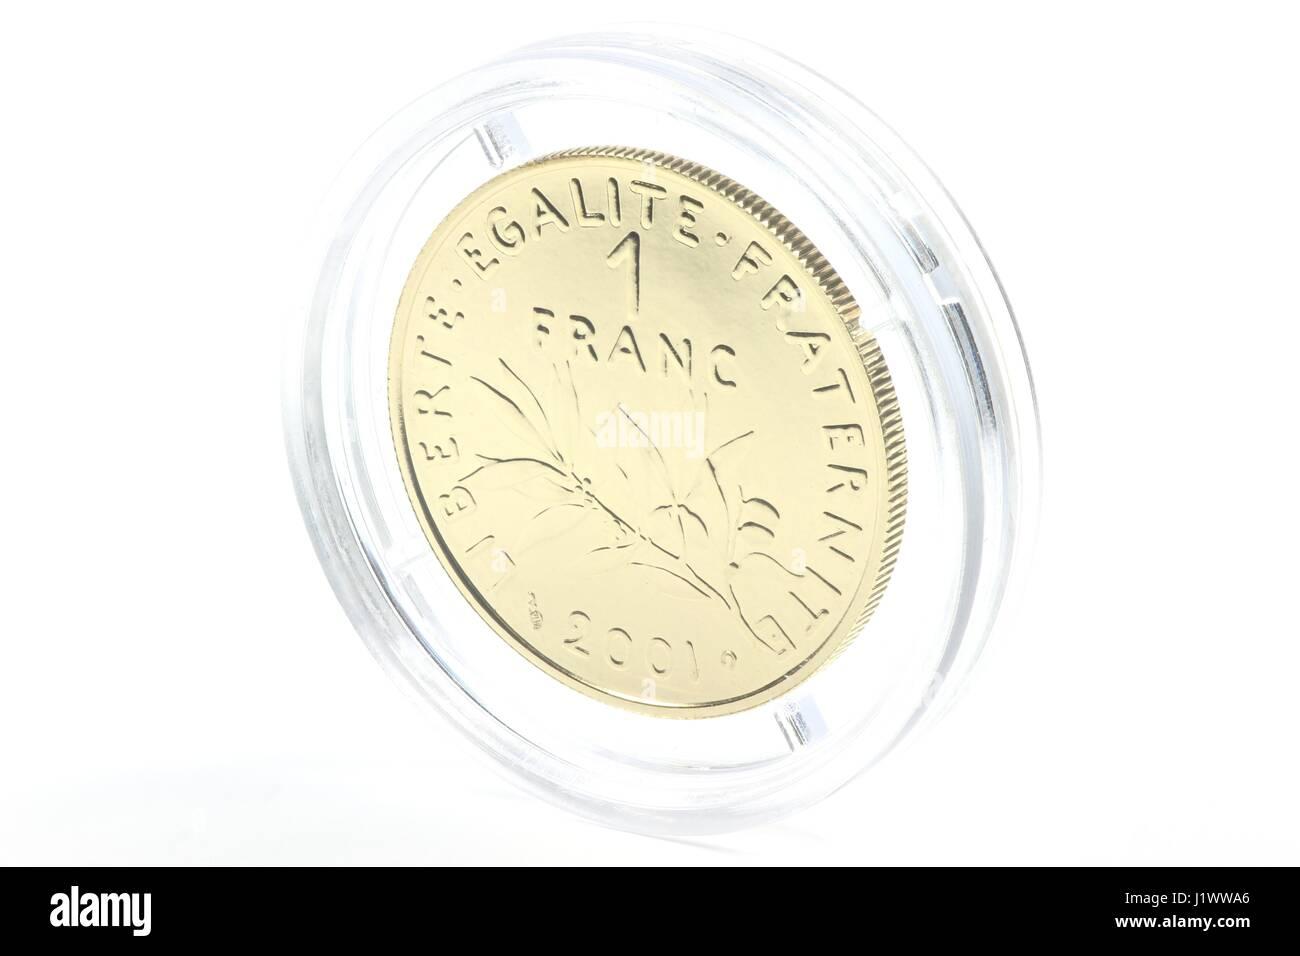 Gold Sonderausgabe Der Französischen 1 Franc Münze Isoliert Auf